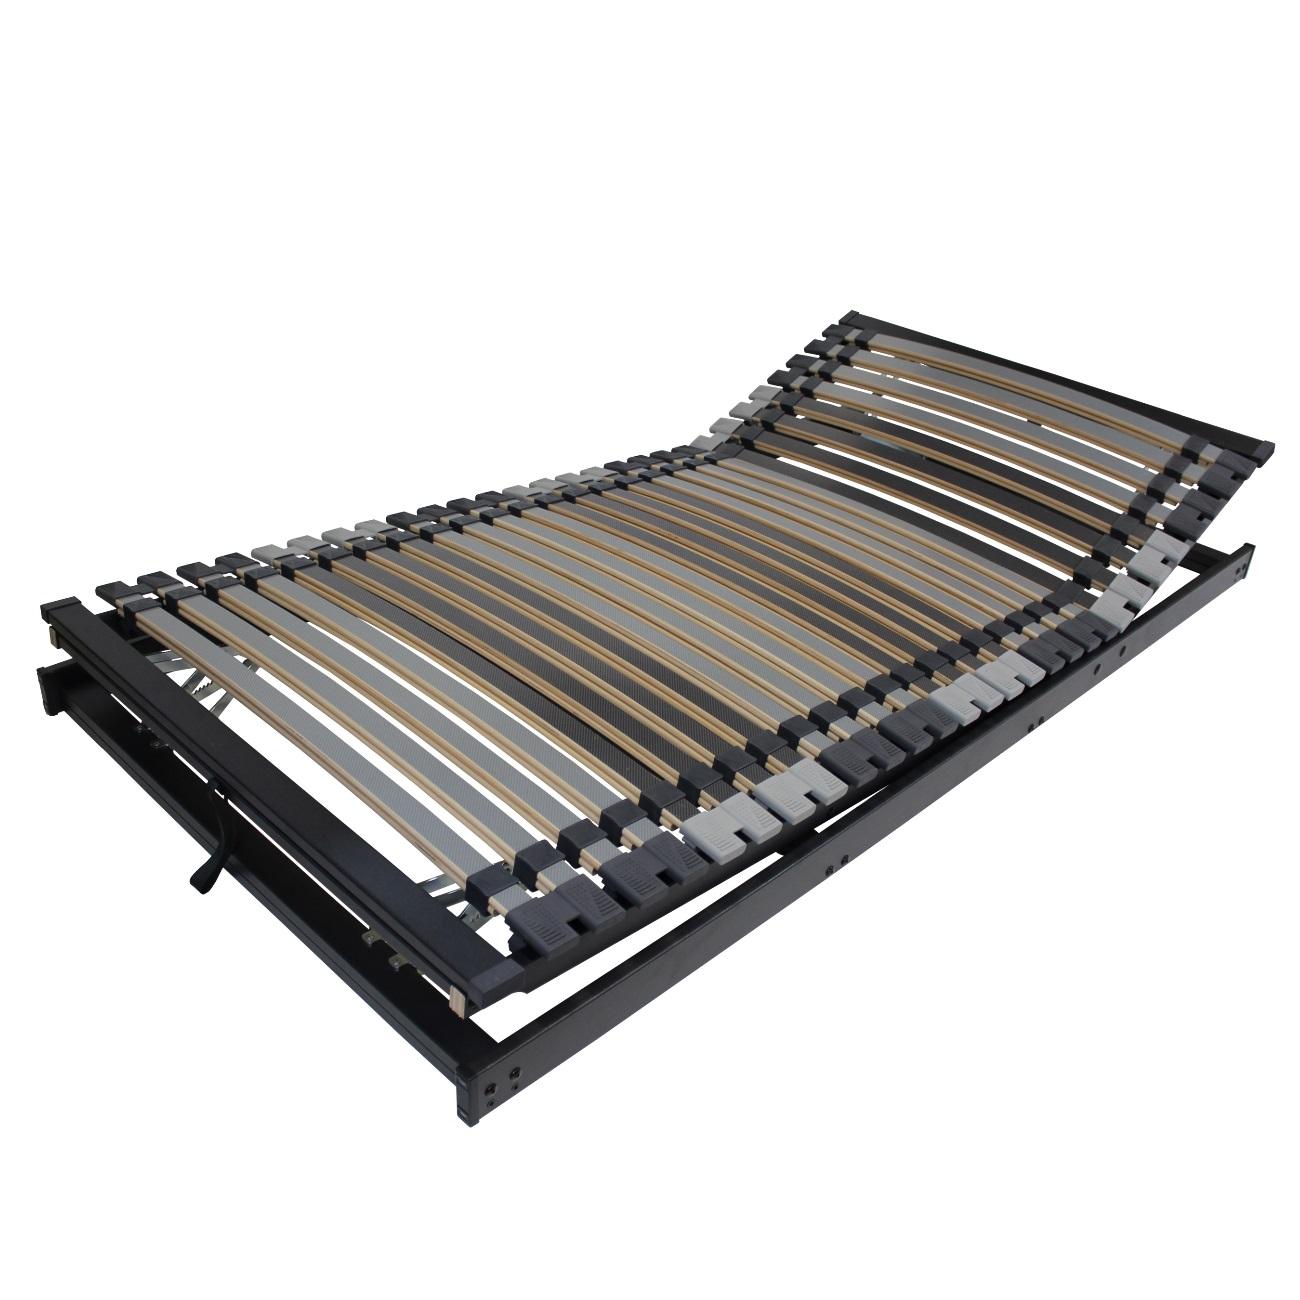 Lattenrost XXL mit Kopf- und Fußanhebung bis 250 kg belastbar ...